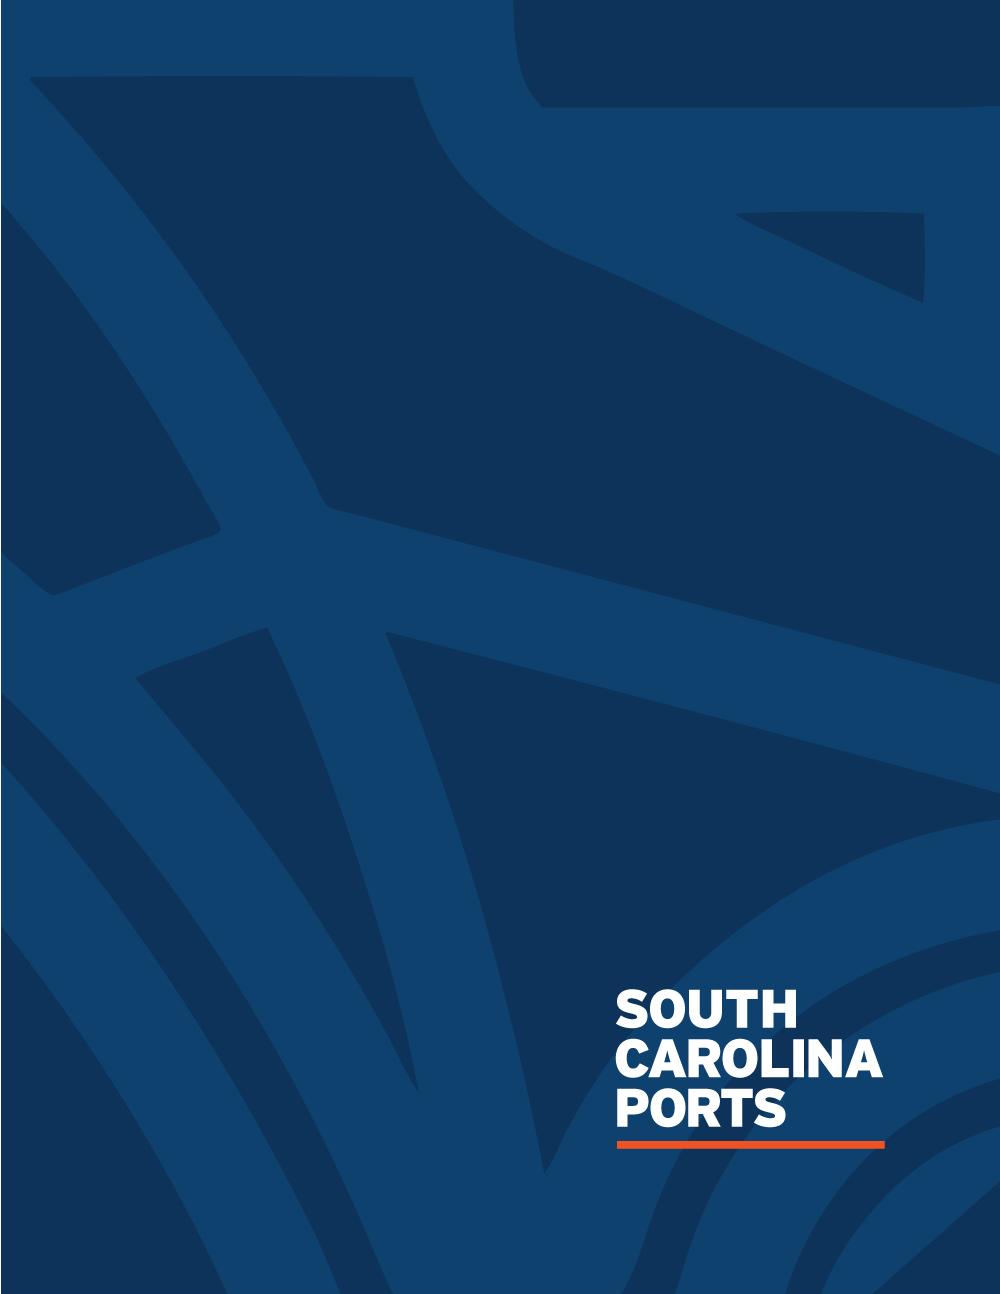 South Carolina Ports Authority New Identity Gil Shuler